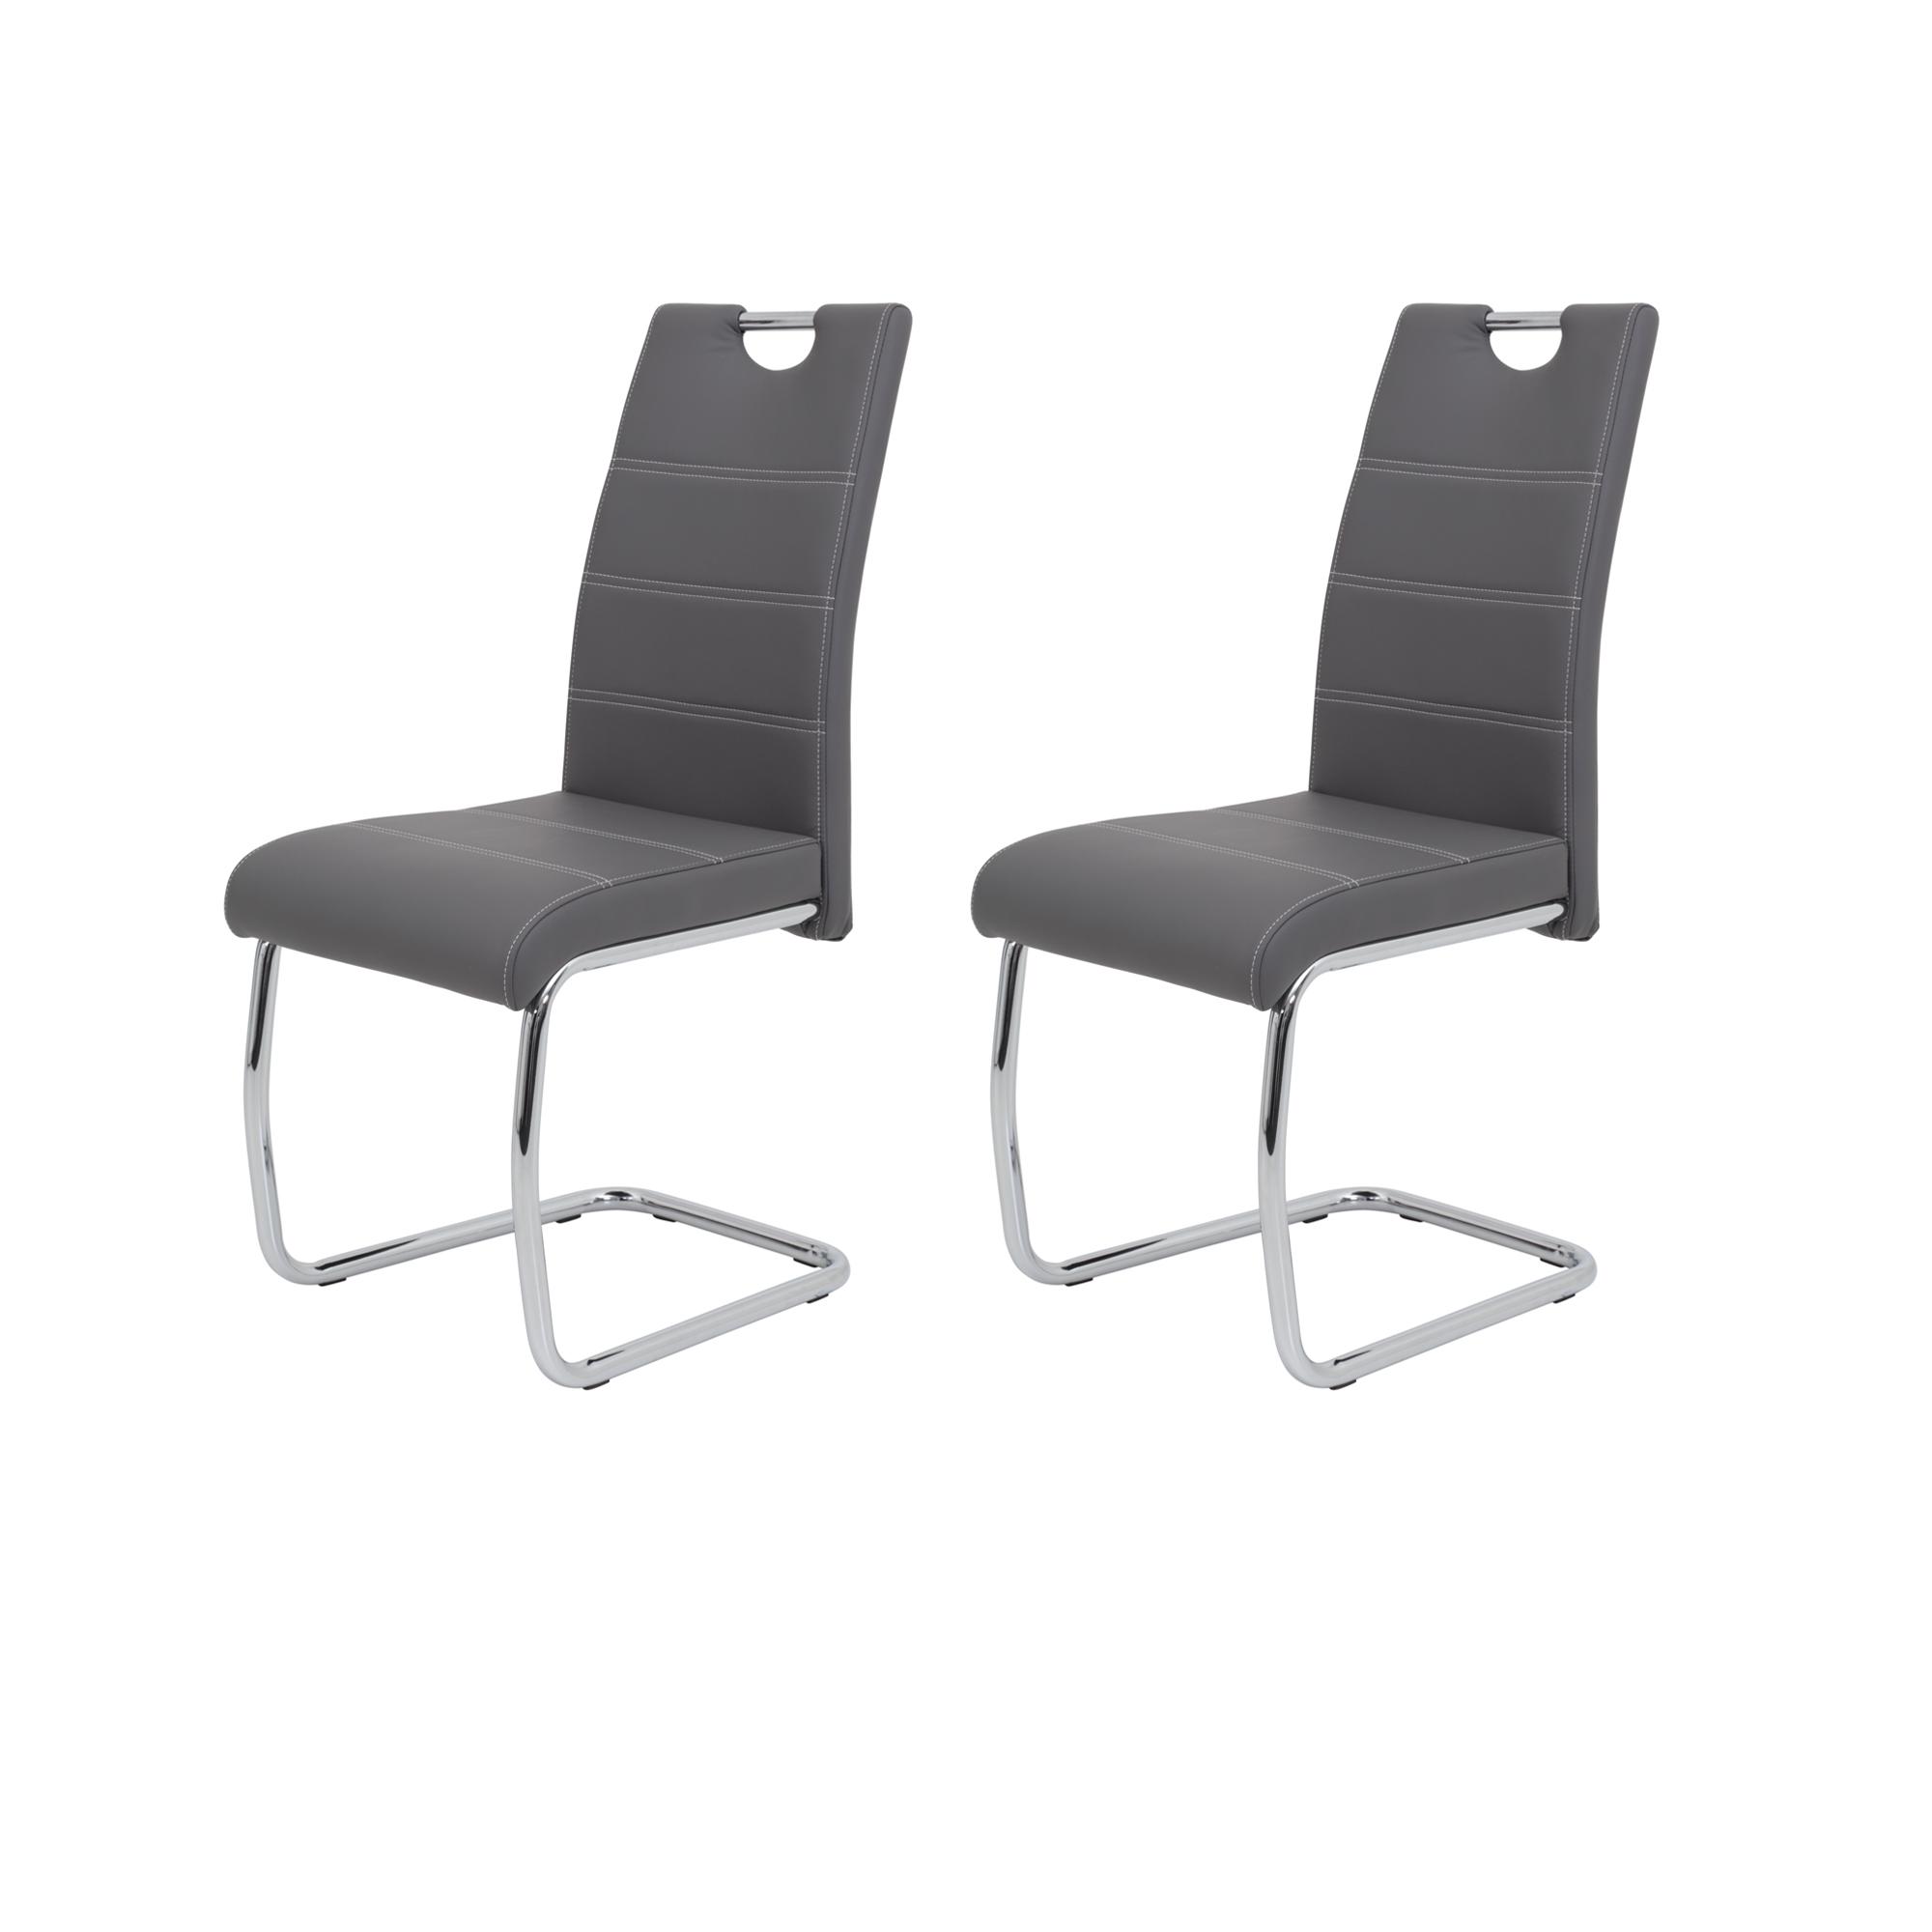 freischwinger flora 2er set kunstleder 42 cm breit grau wohnen st hle. Black Bedroom Furniture Sets. Home Design Ideas